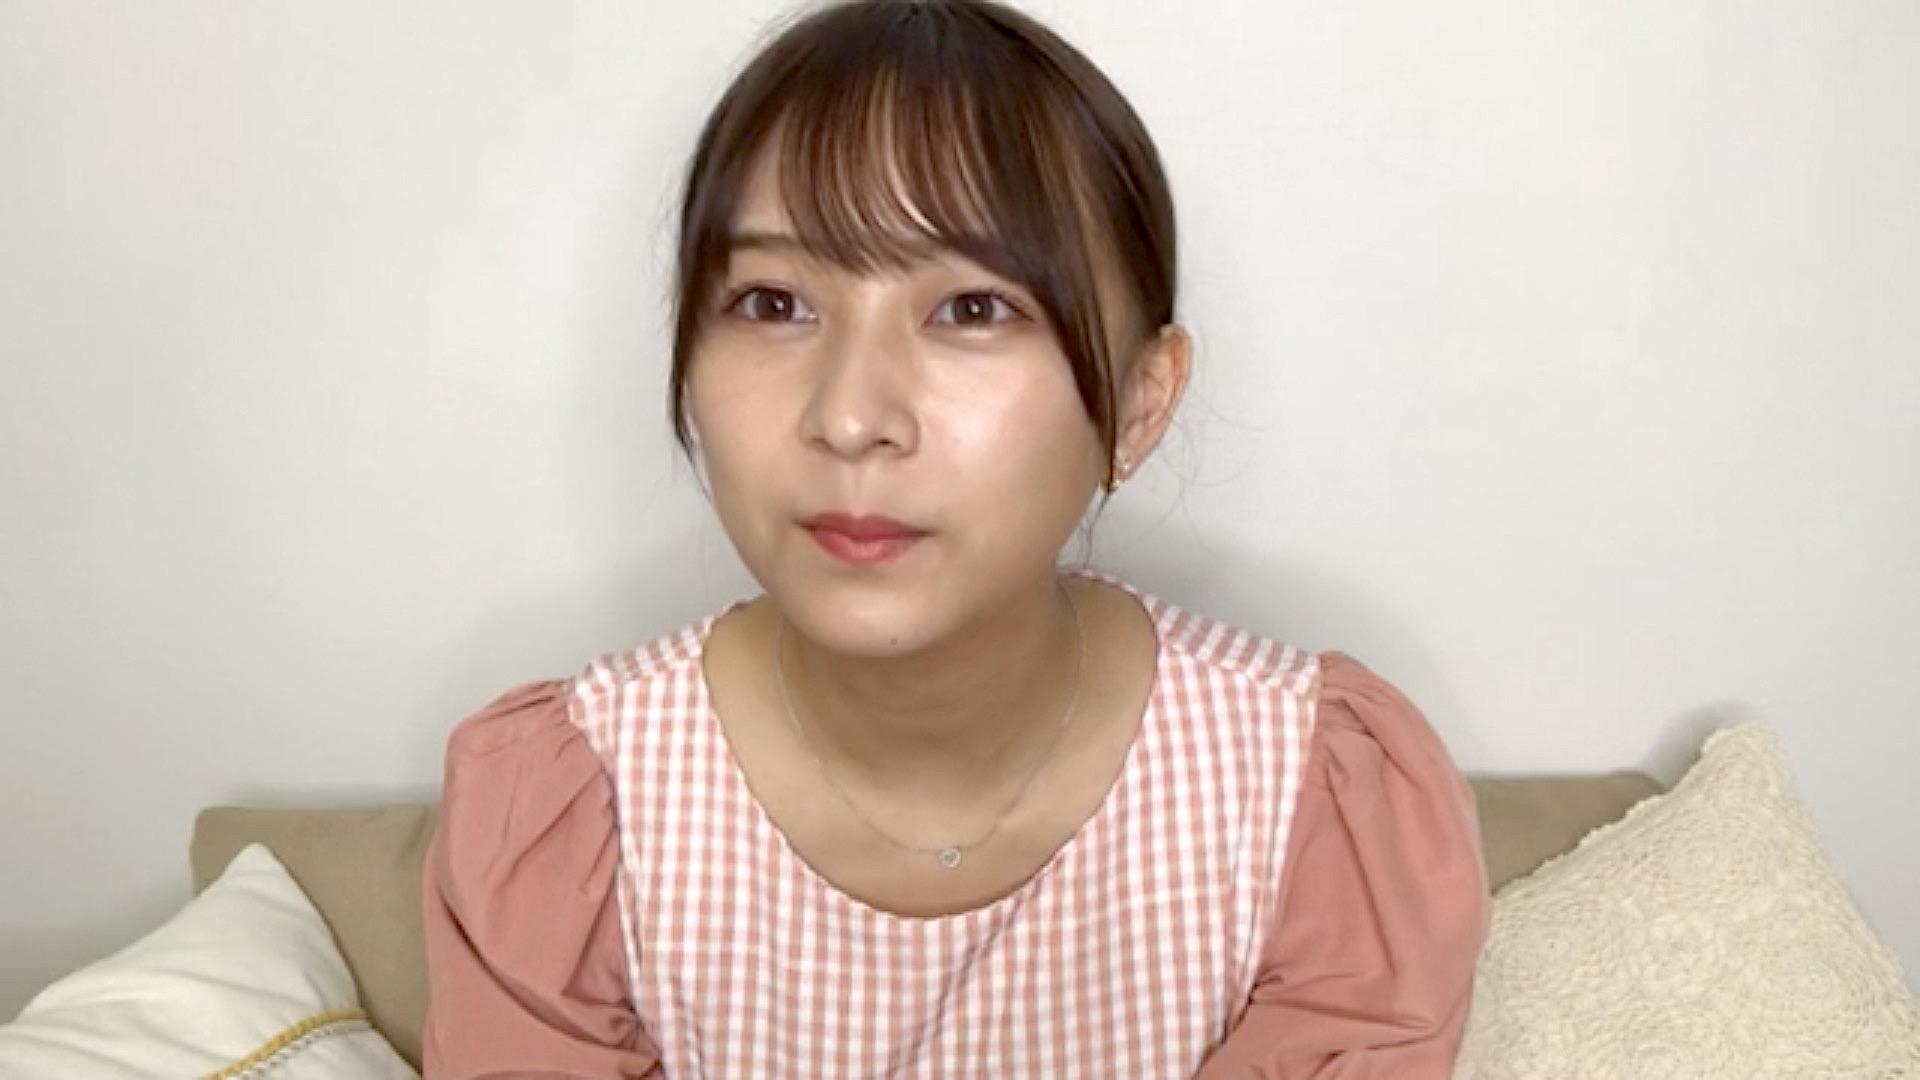 鈴木絢音「のぎおび⊿」